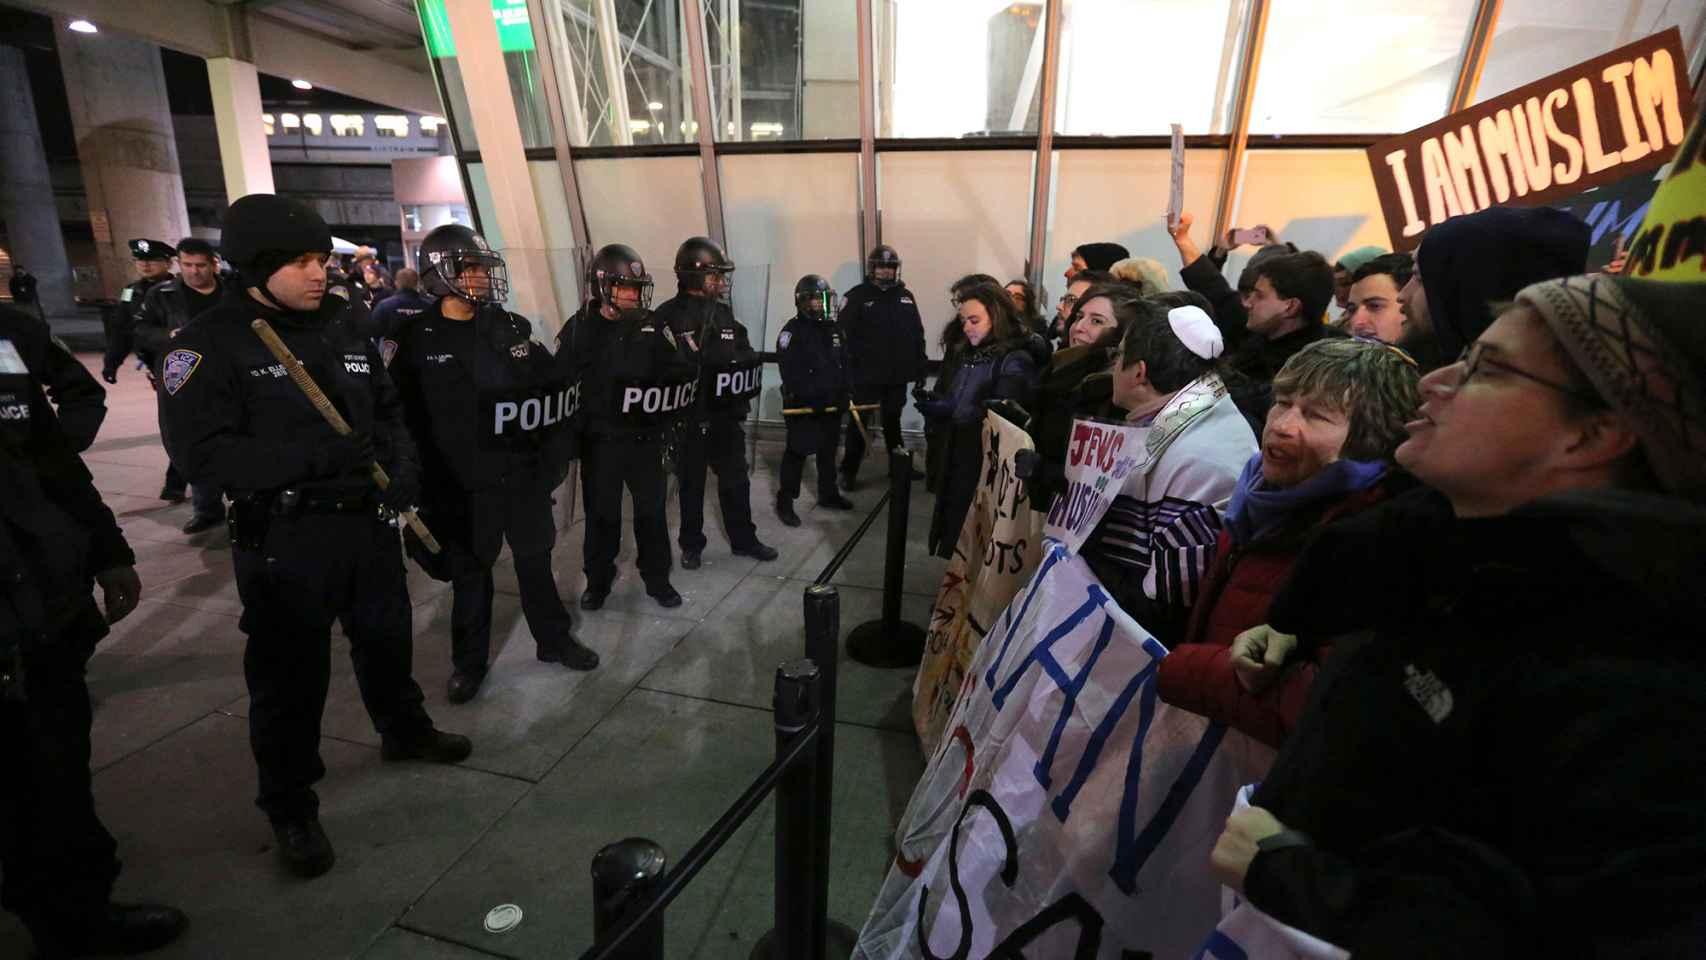 La policía se vio obligada a intervenir para controlar las protestas.